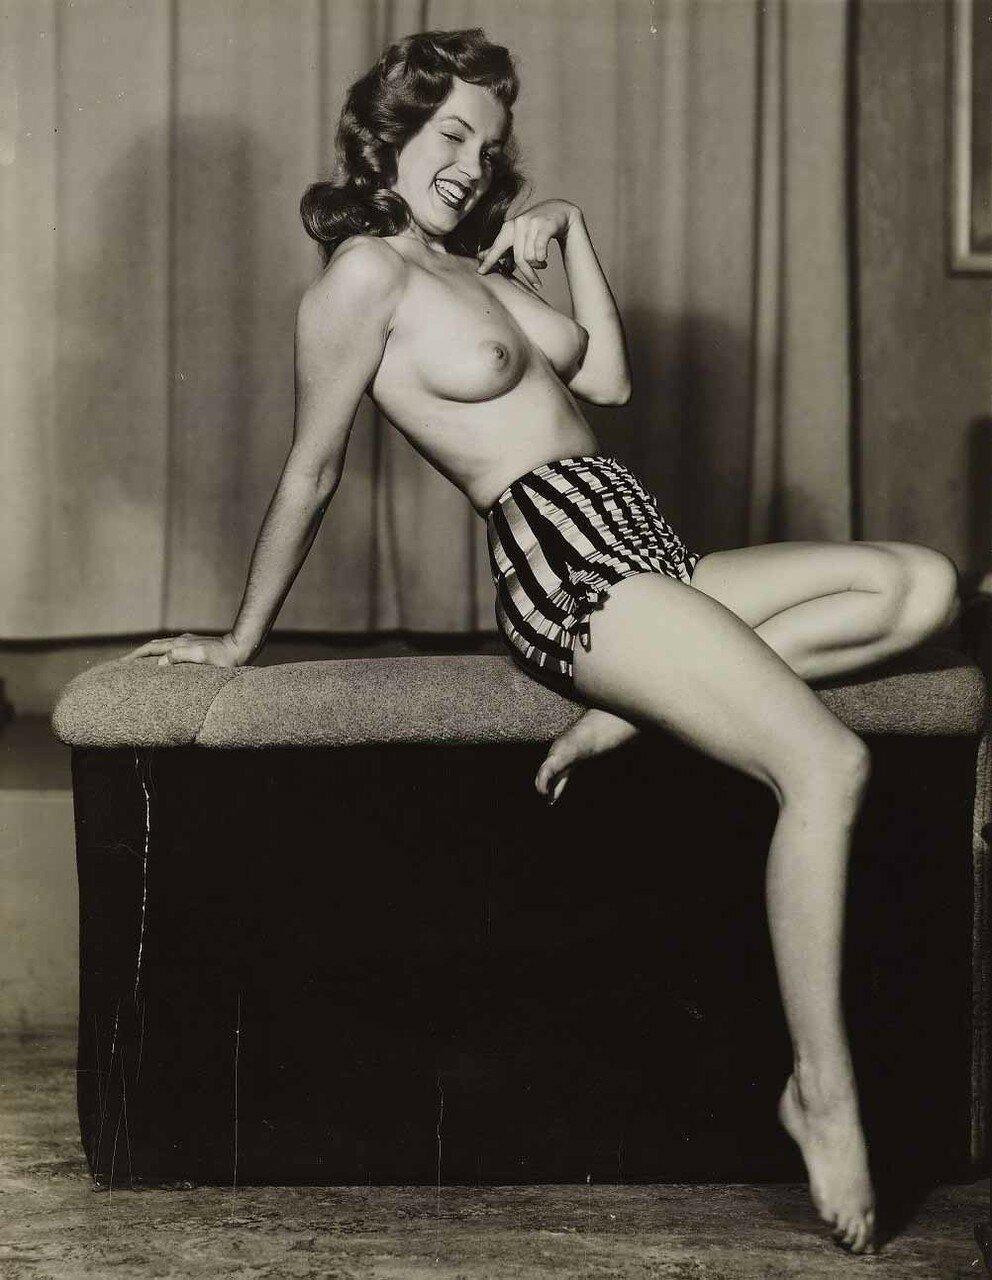 Порно актриса похожая на мерлин монро 6 фотография